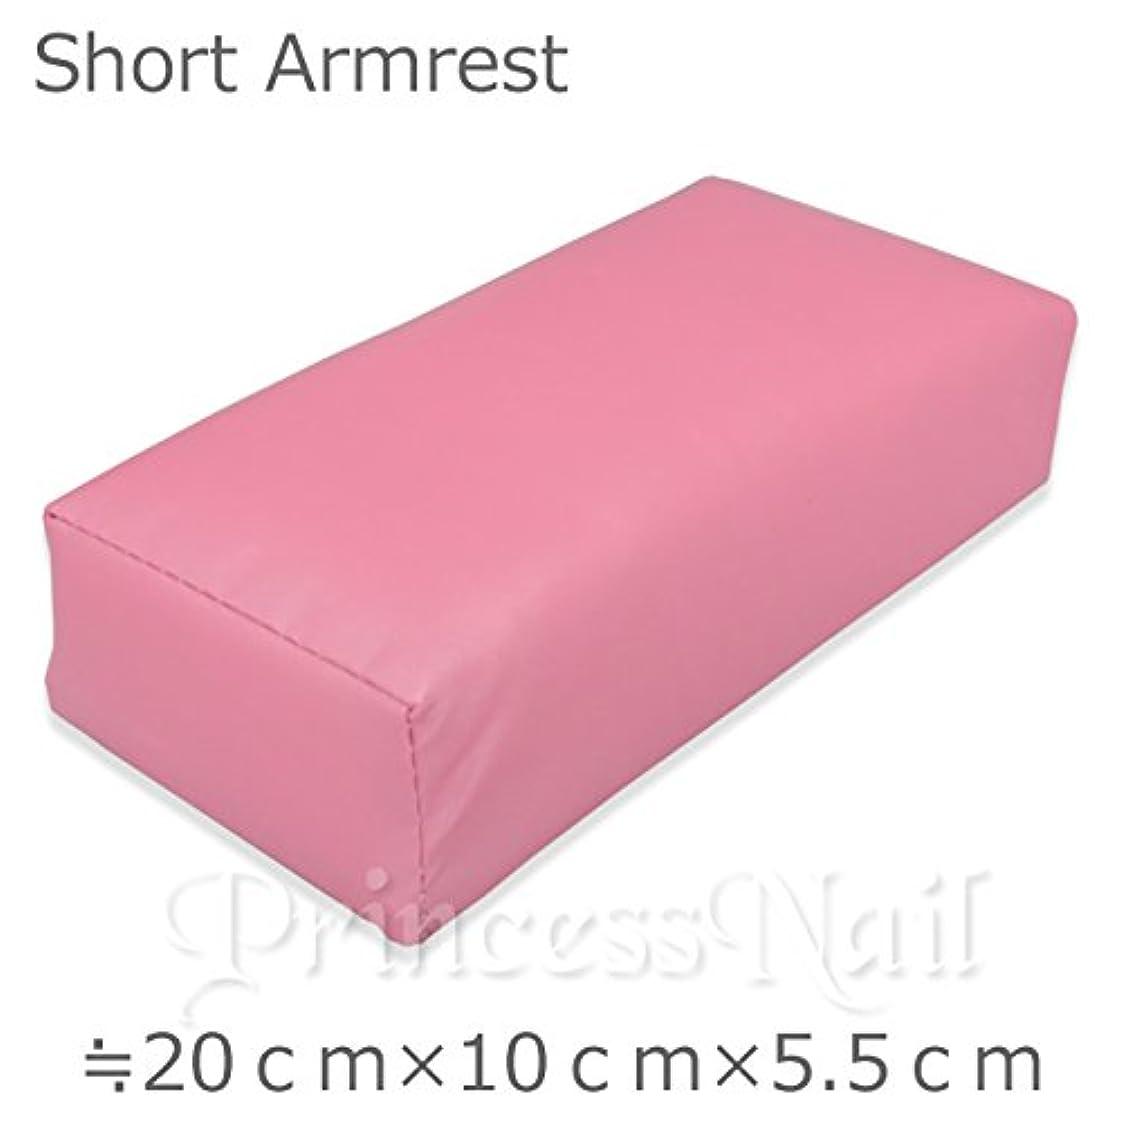 リブ今後いつかネイルケア用アームレスト ショートタイプ ハンドピロー 手枕 D10cm×W20cm×H5.5cm ハンド枕